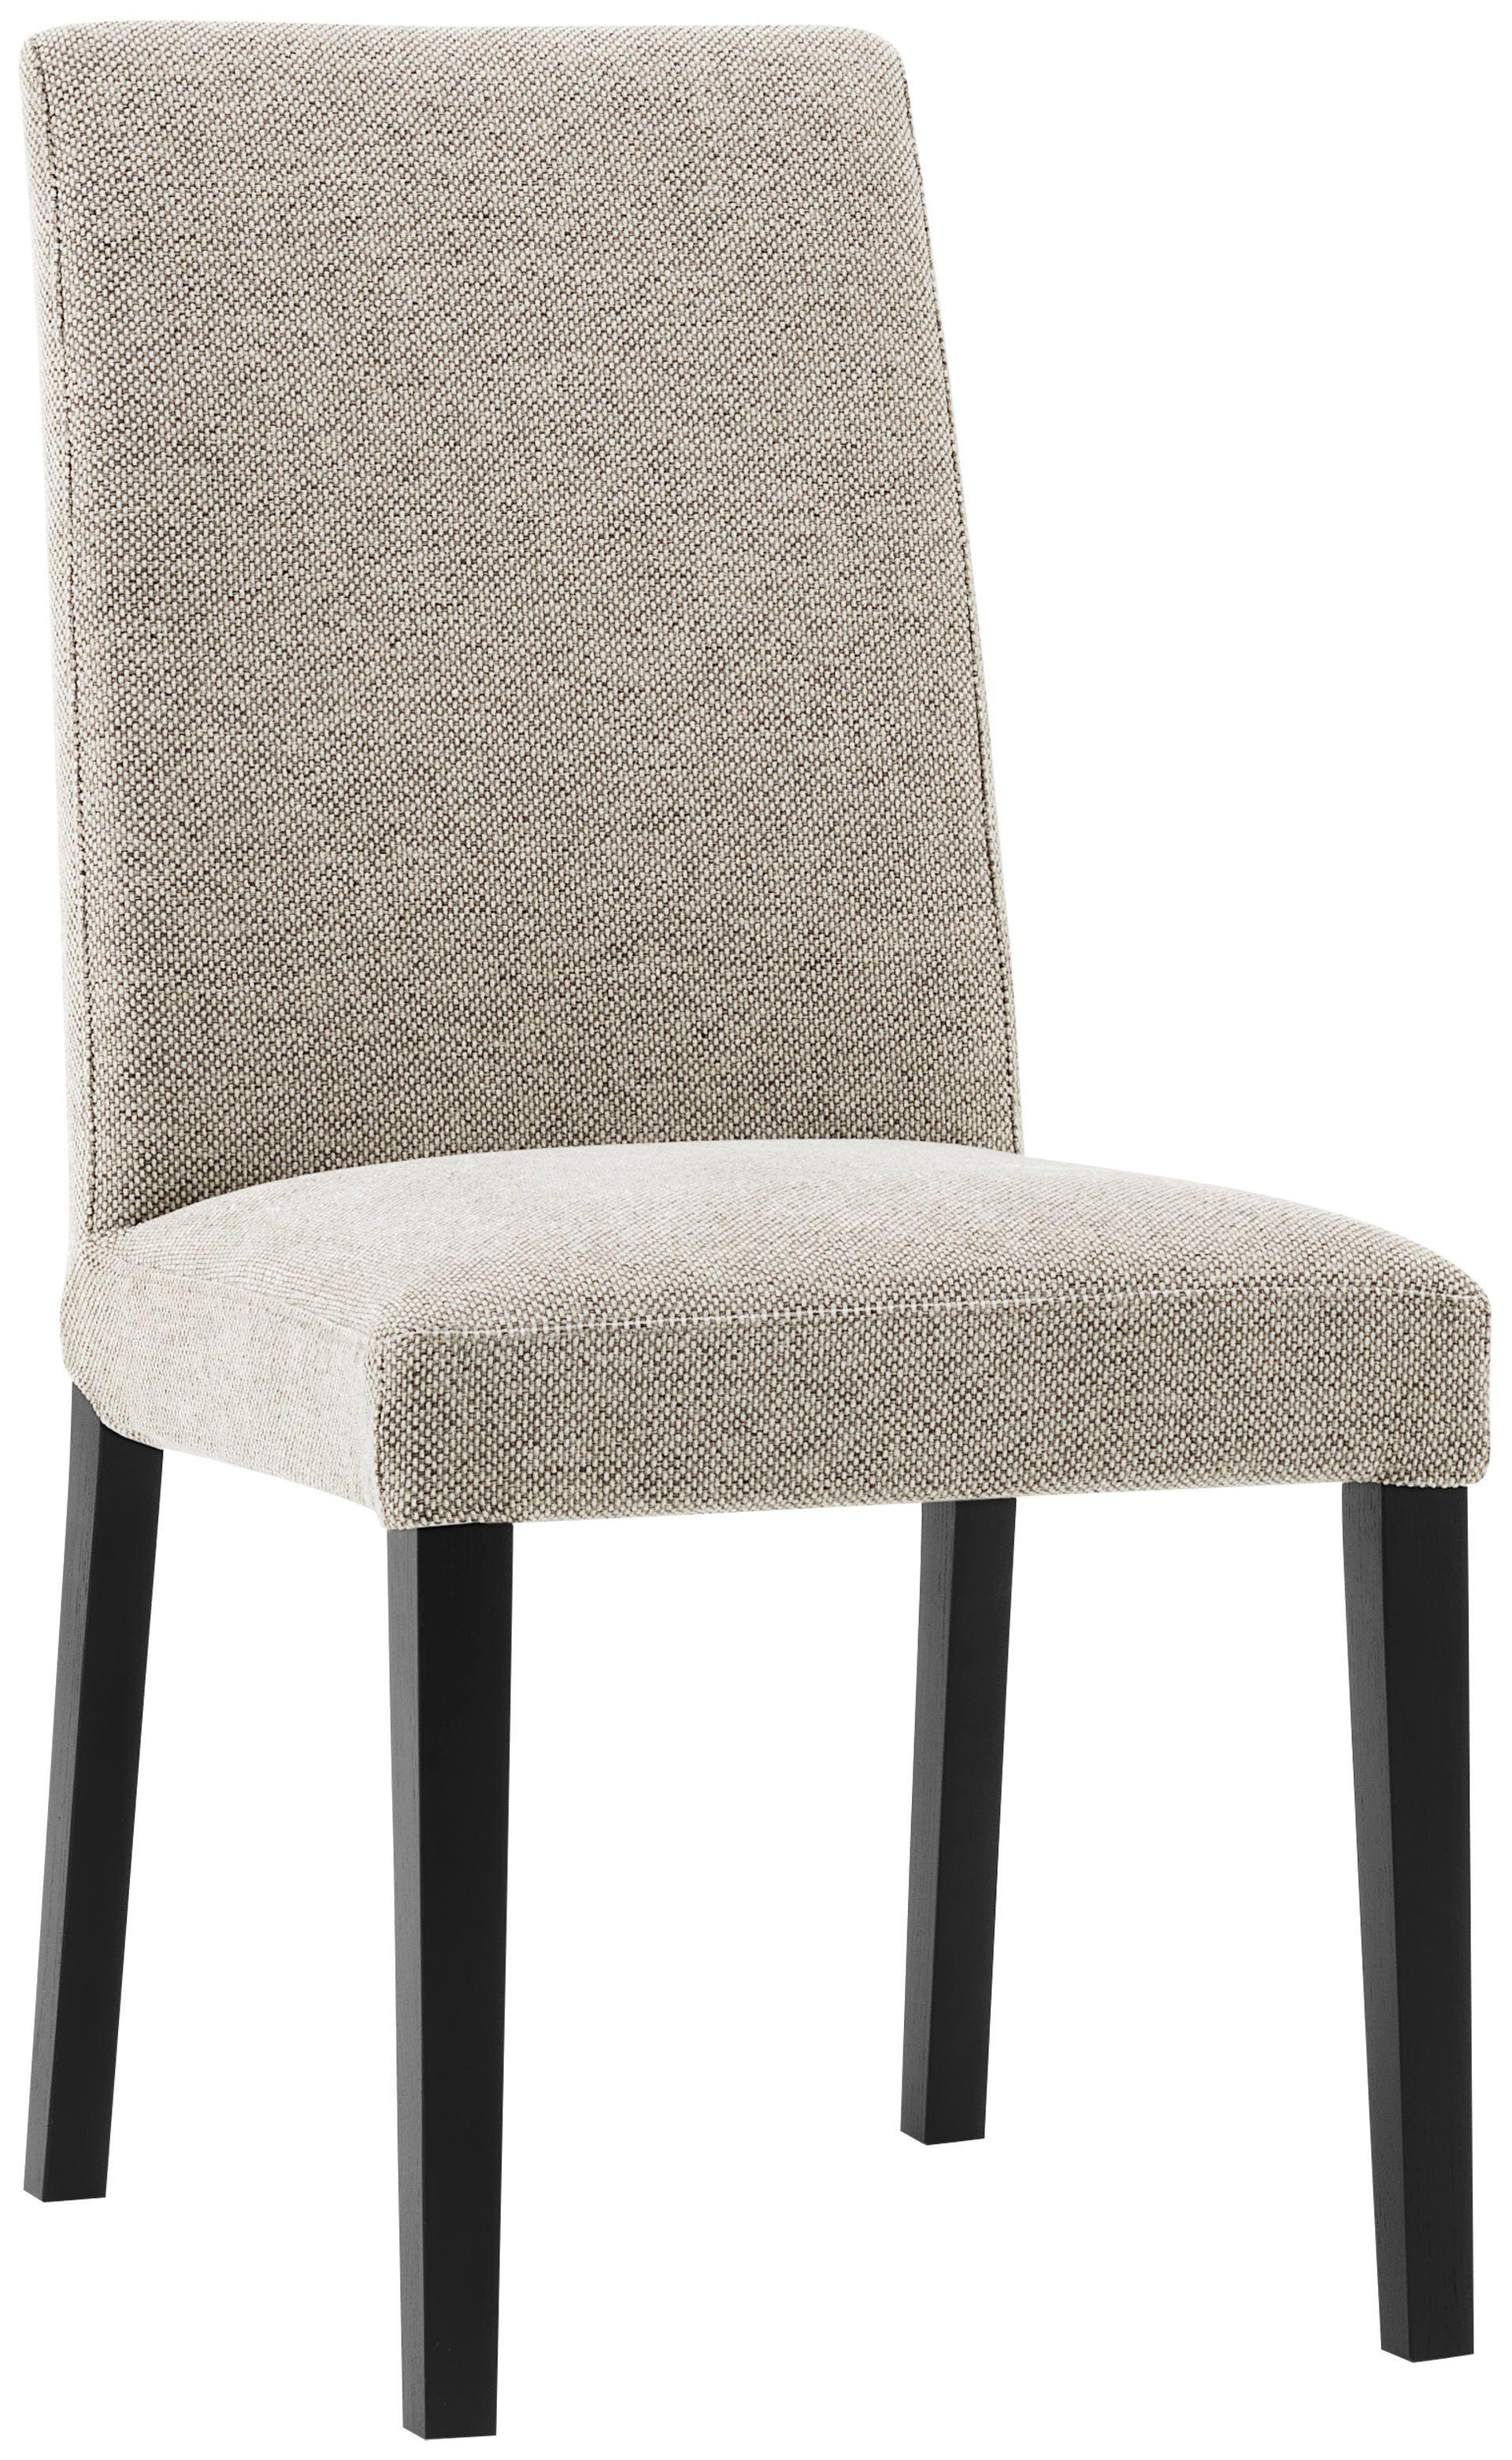 Sillas Comedor Tapizadas 9fdy Sillas De Edor Modernas Calidad De Boconcept Furniture